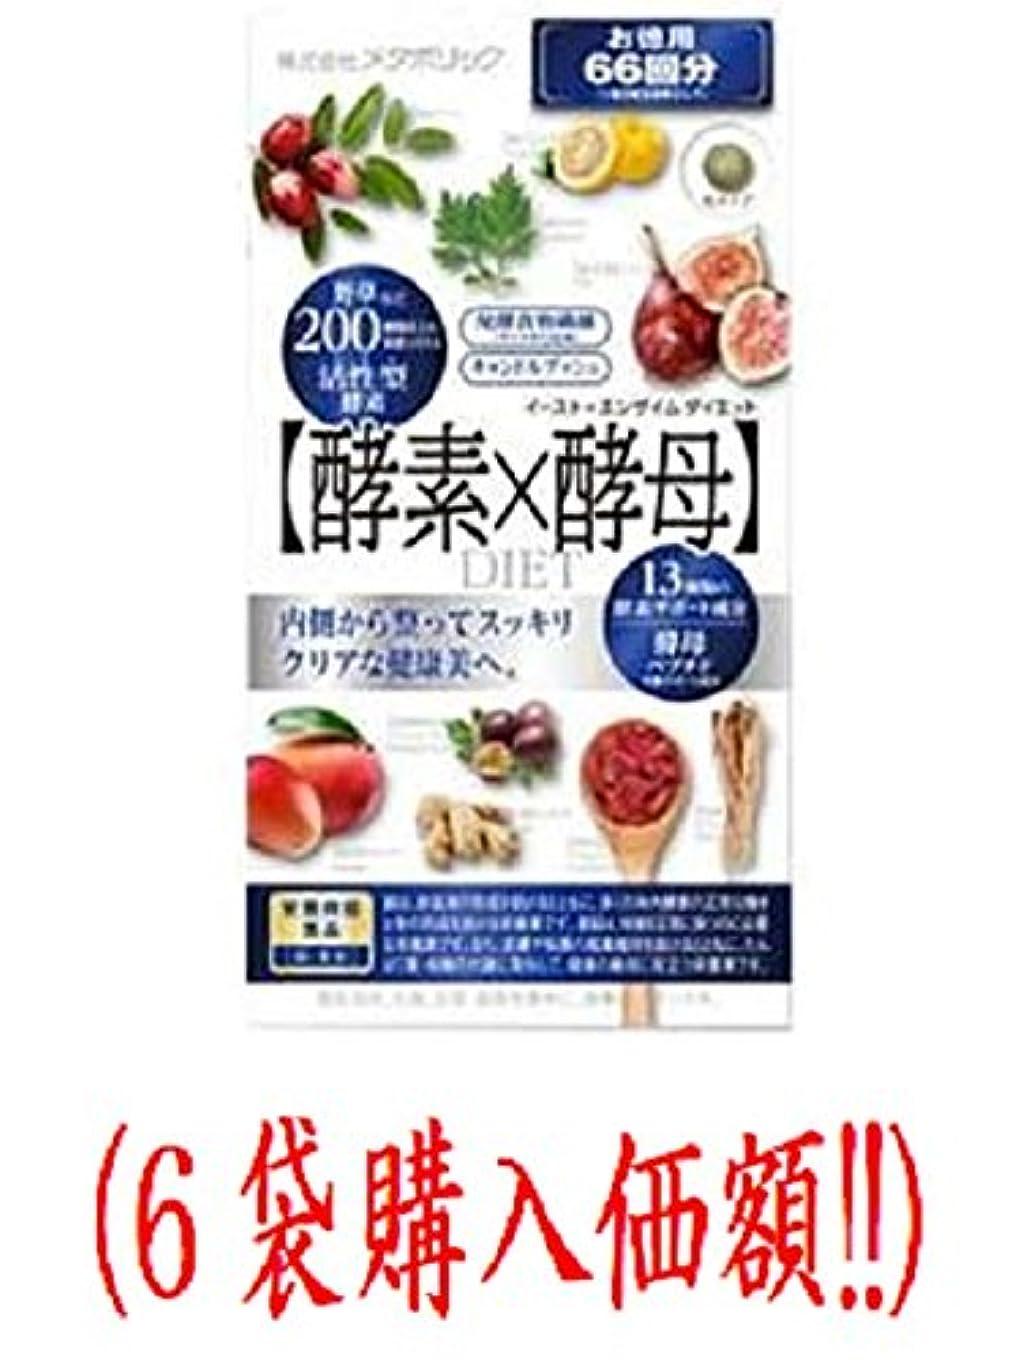 暖かさ突然含むメタボリック イースト×エンザイムダイエット 60粒(6個購入価額)